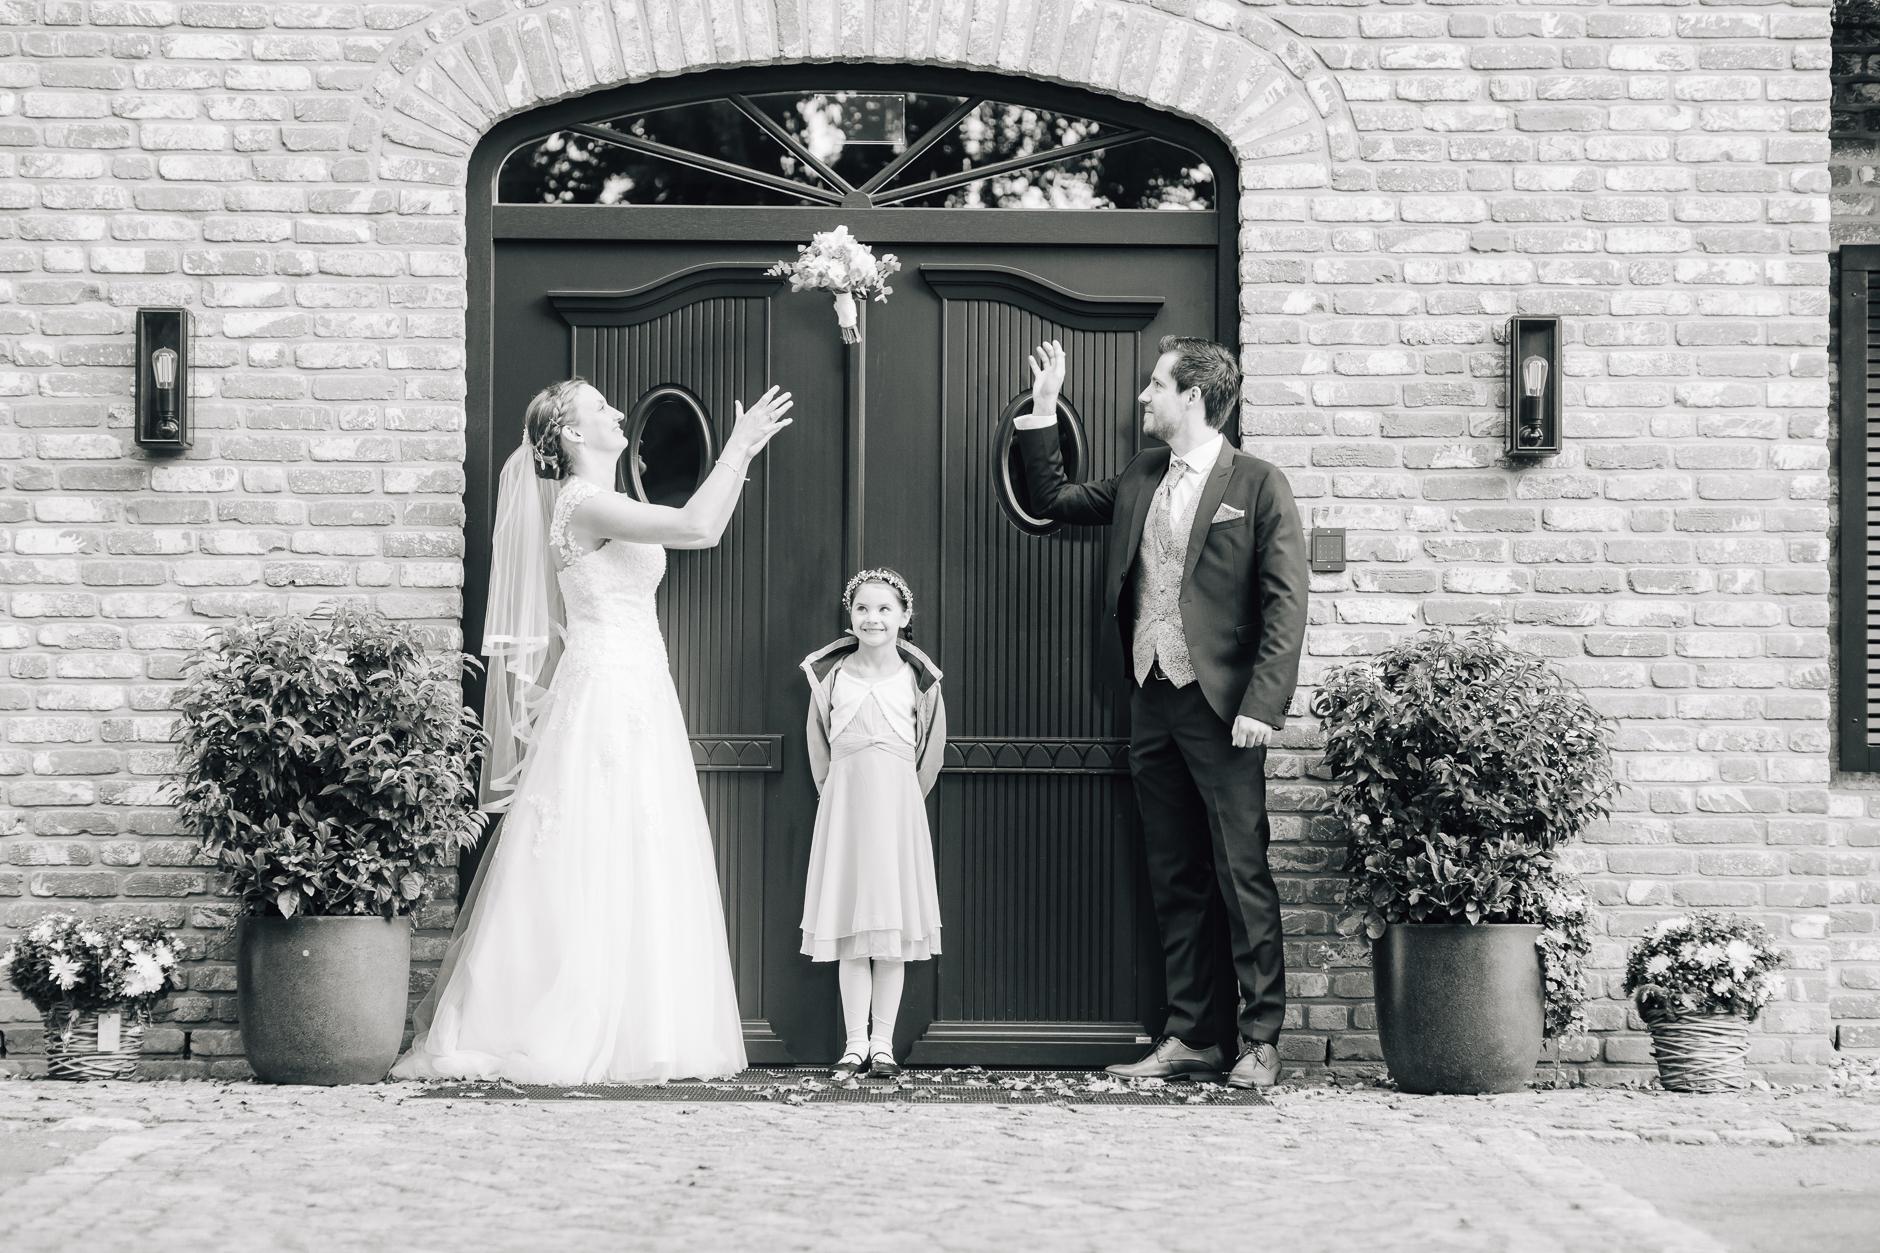 Mit Kindern machen Hochzeitsreportagen besonders Spaß